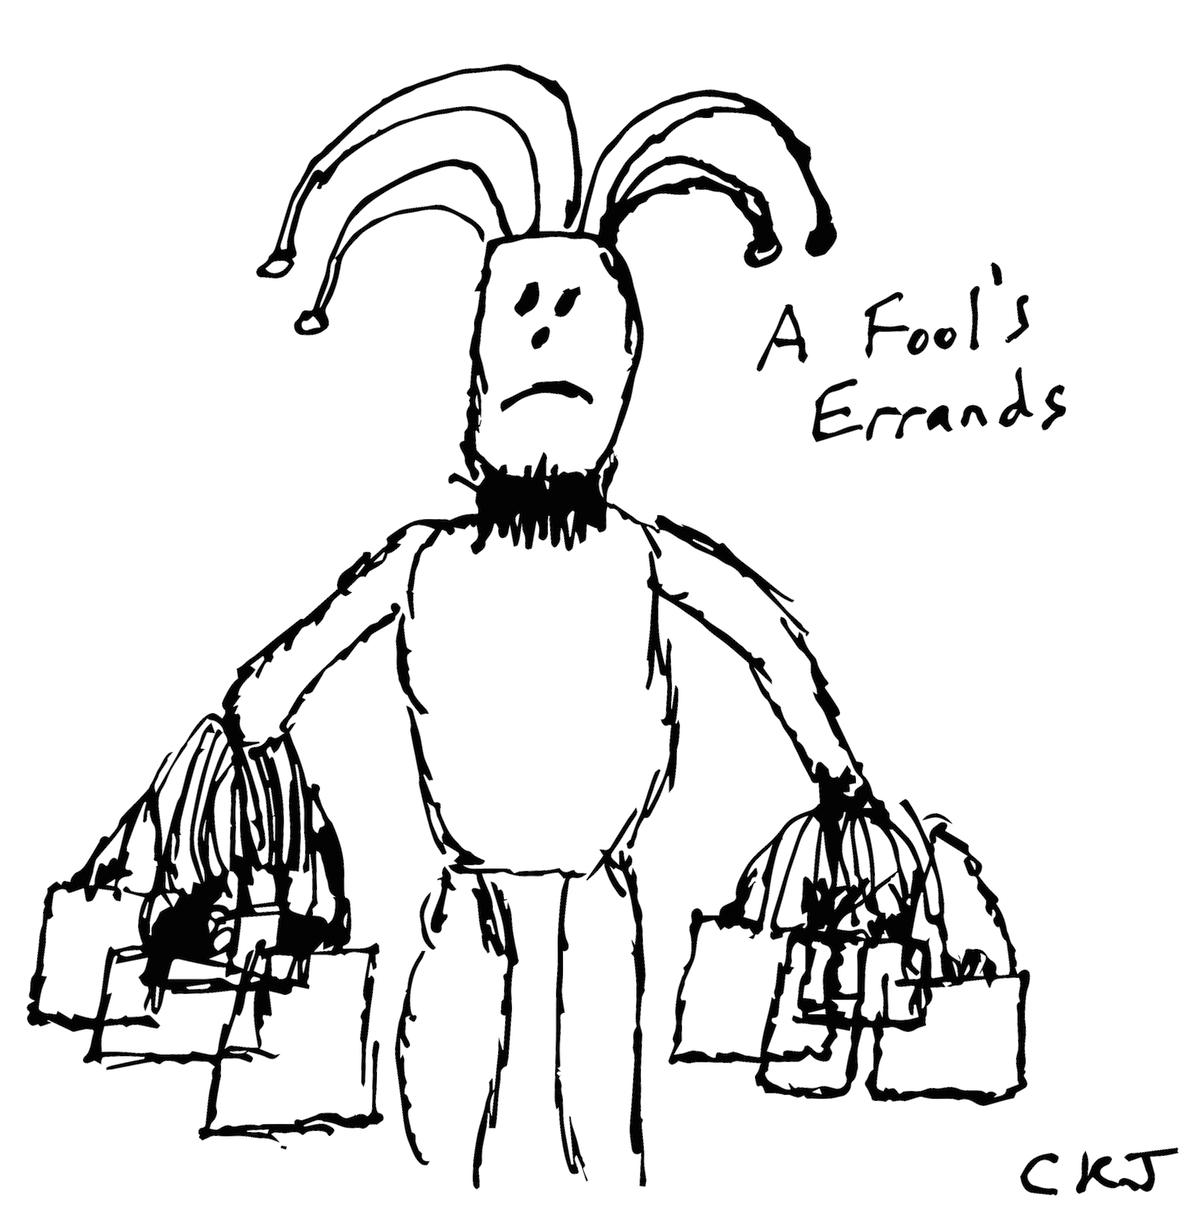 fools errands.png